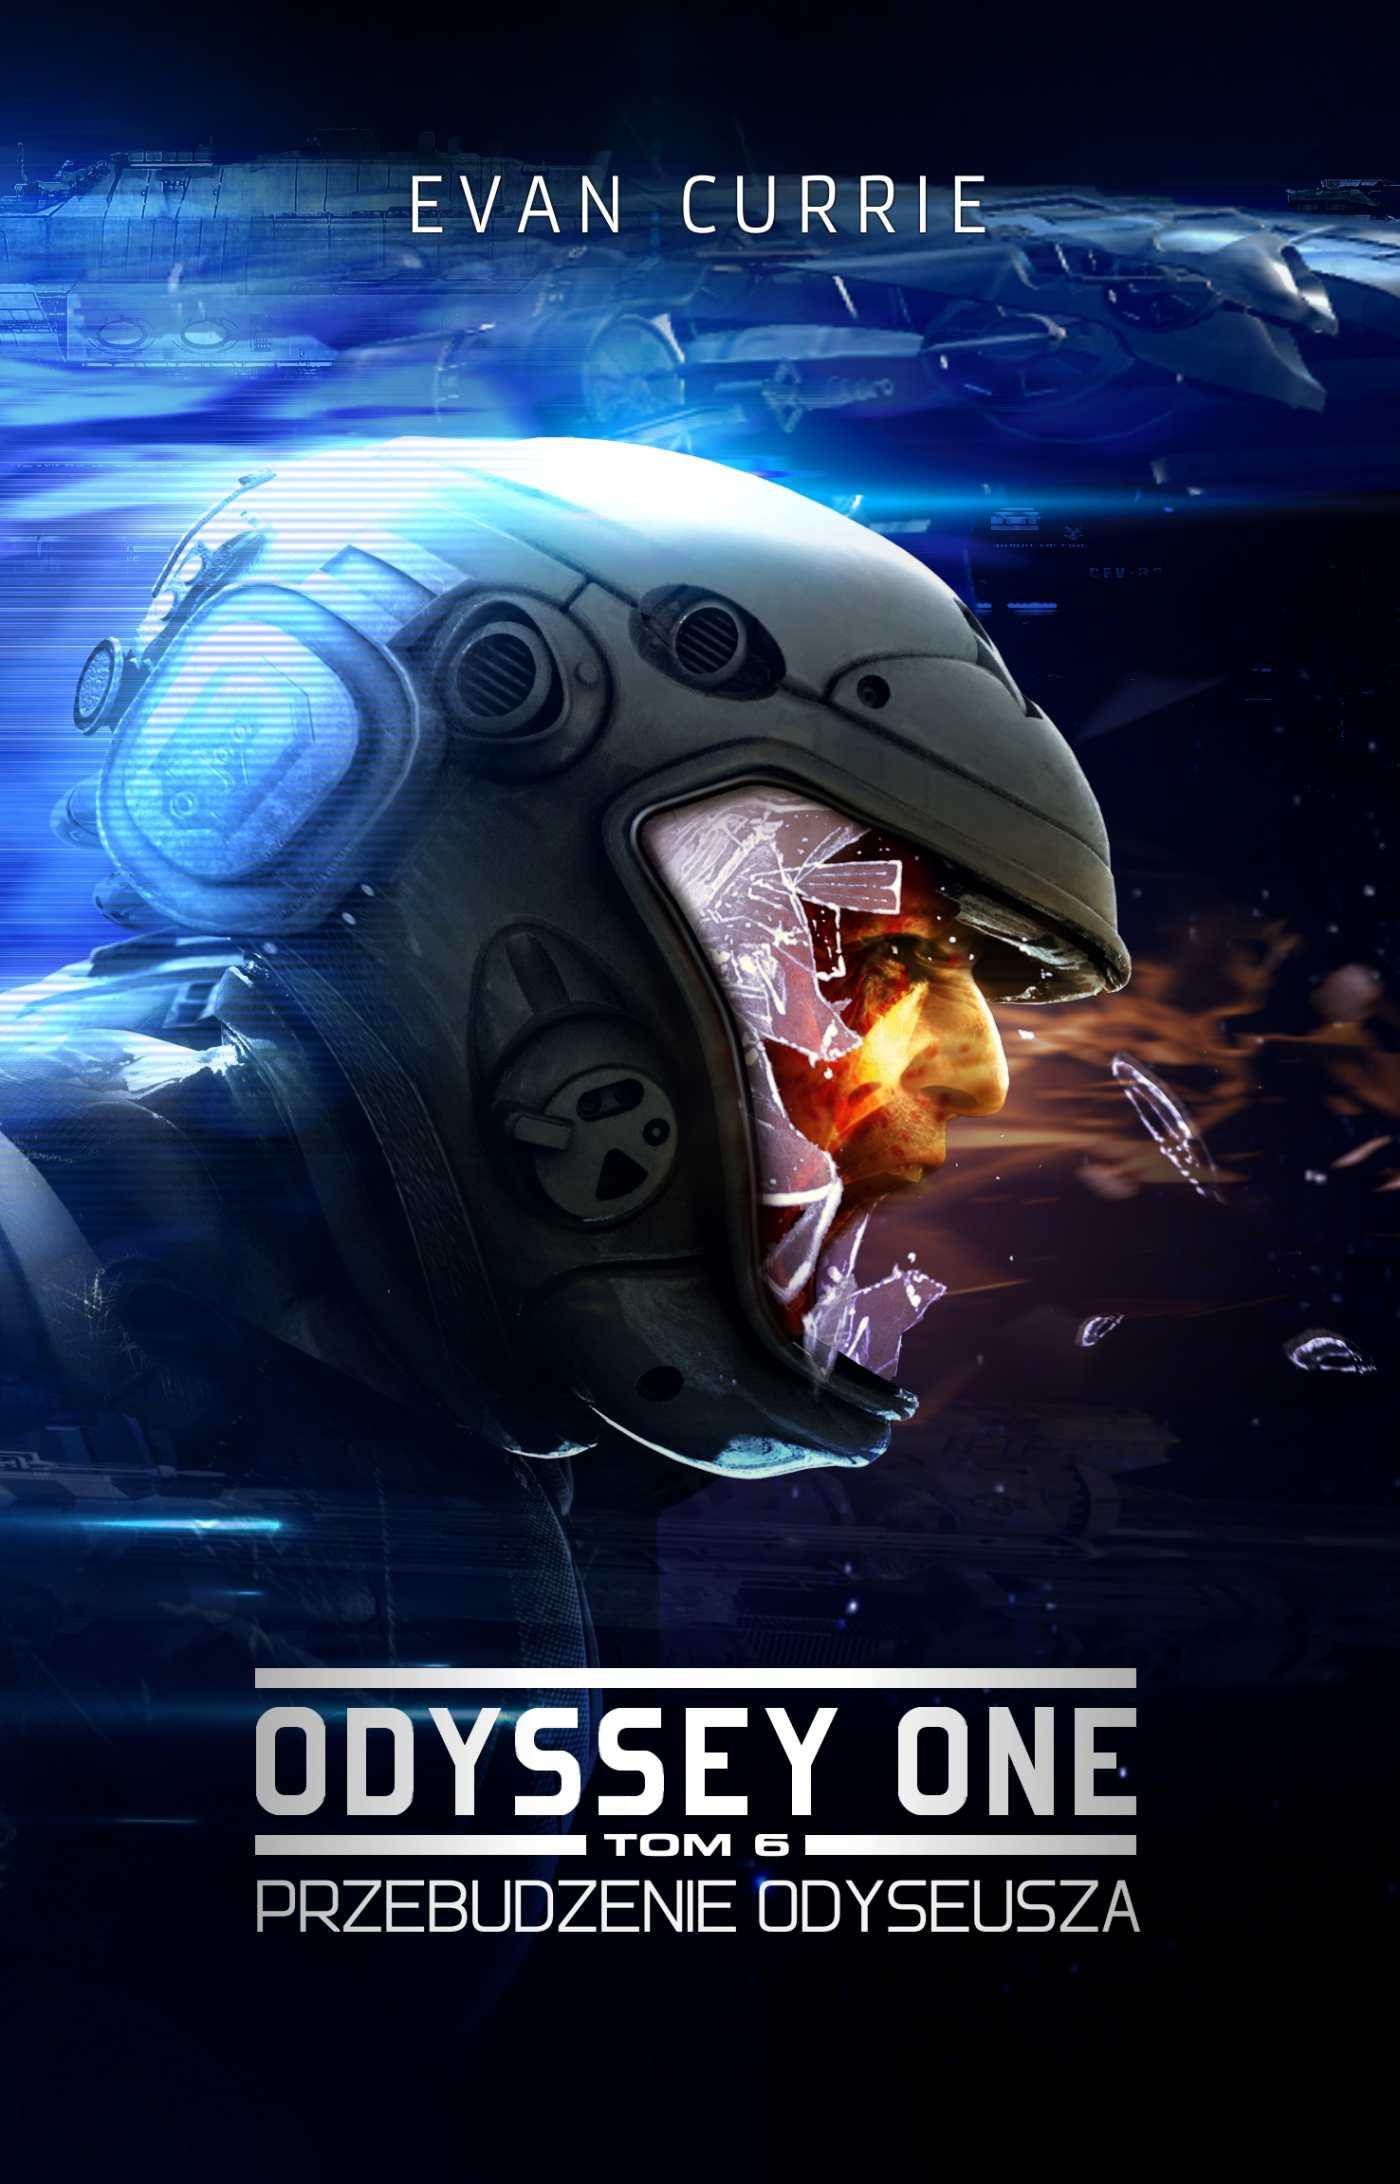 Odyssey One. Tom 6. Przebudzenie Odyseusza - Ebook (Książka na Kindle) do pobrania w formacie MOBI